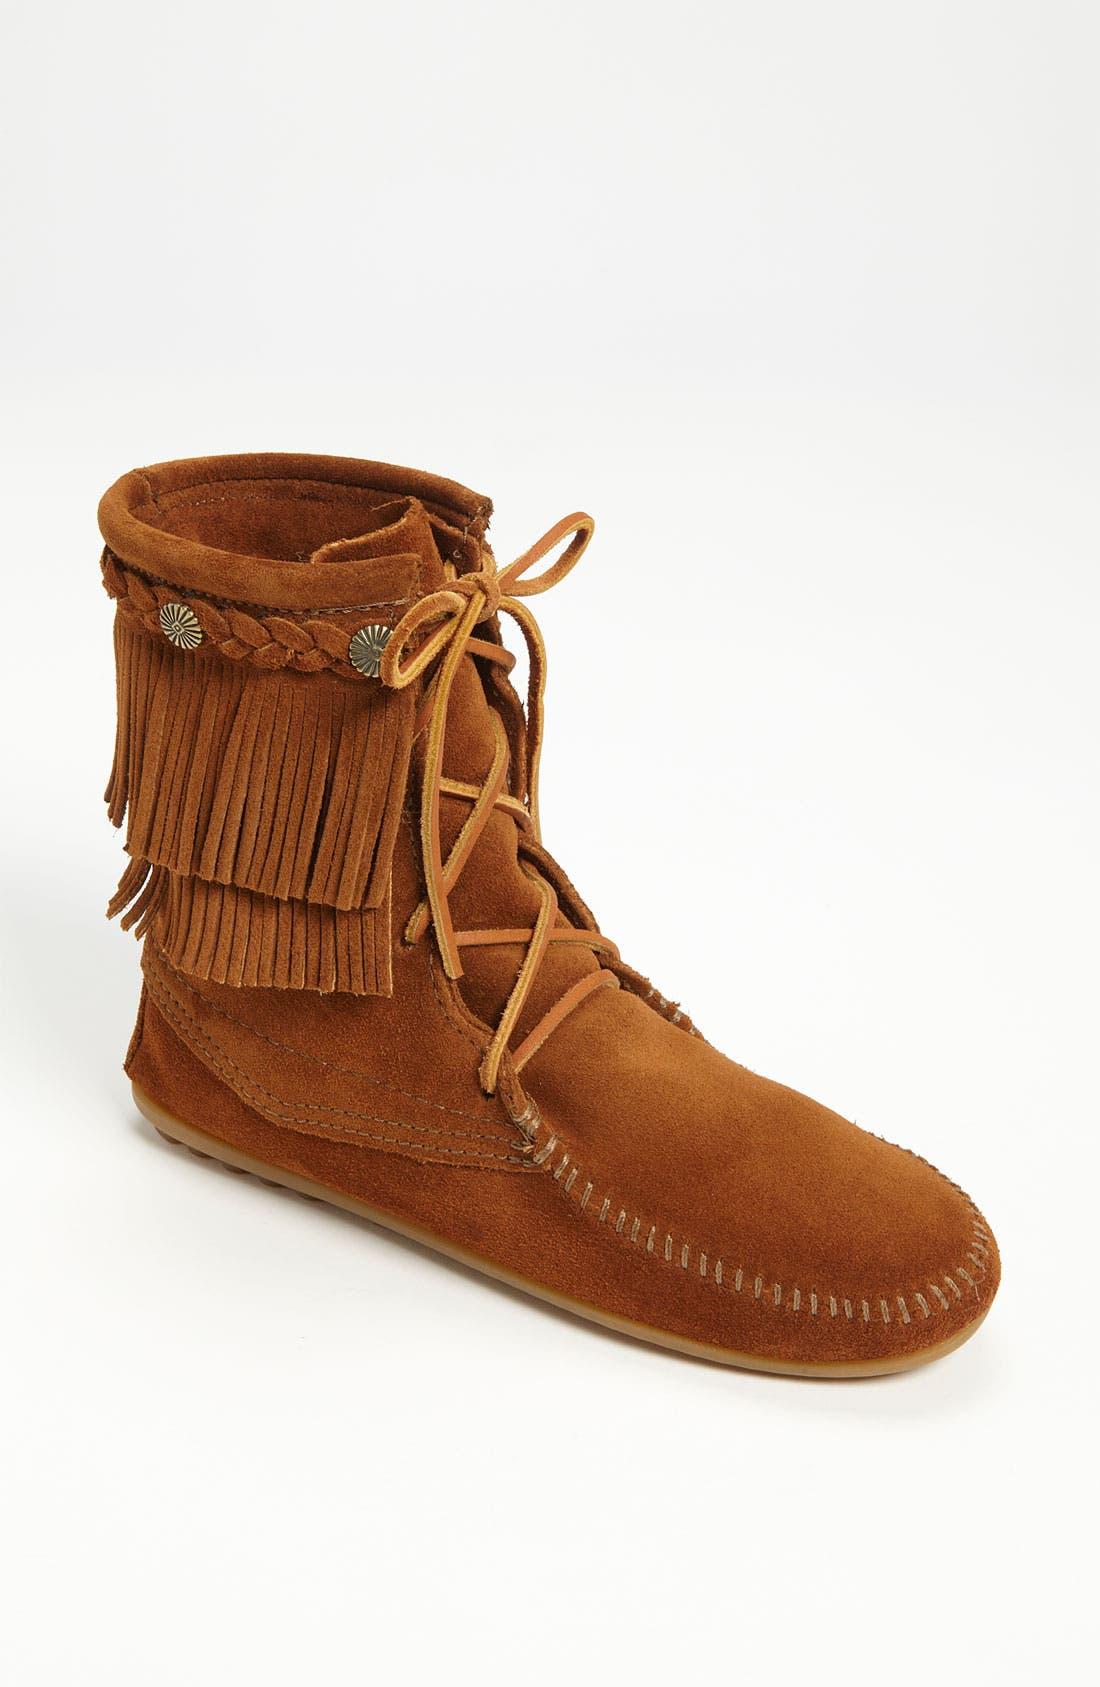 Main Image - Minnetonka 'Tramper' Double Fringe Moccasin Boot (Women)